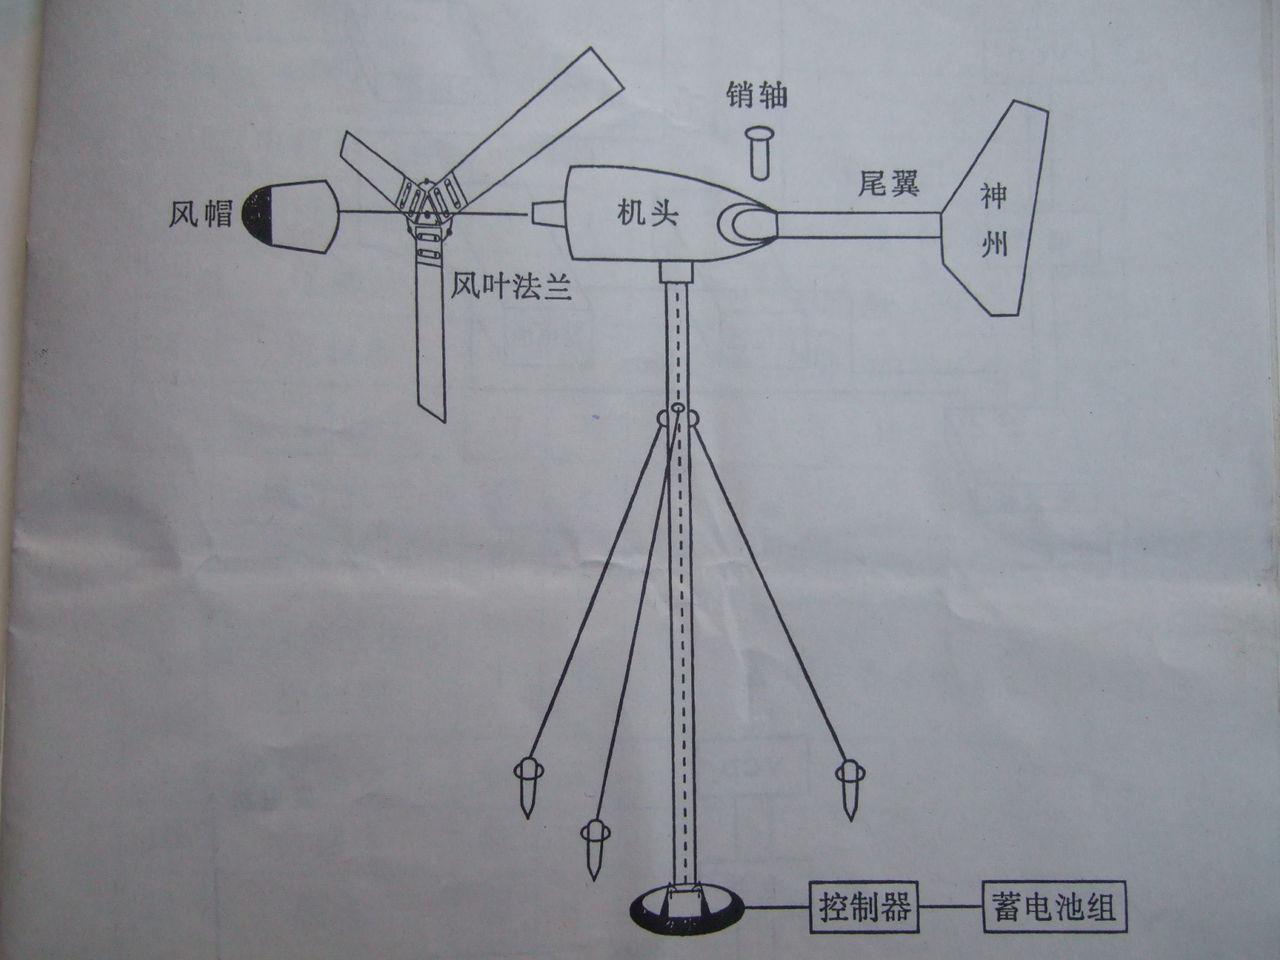 风力发电机 的原理图高清图片